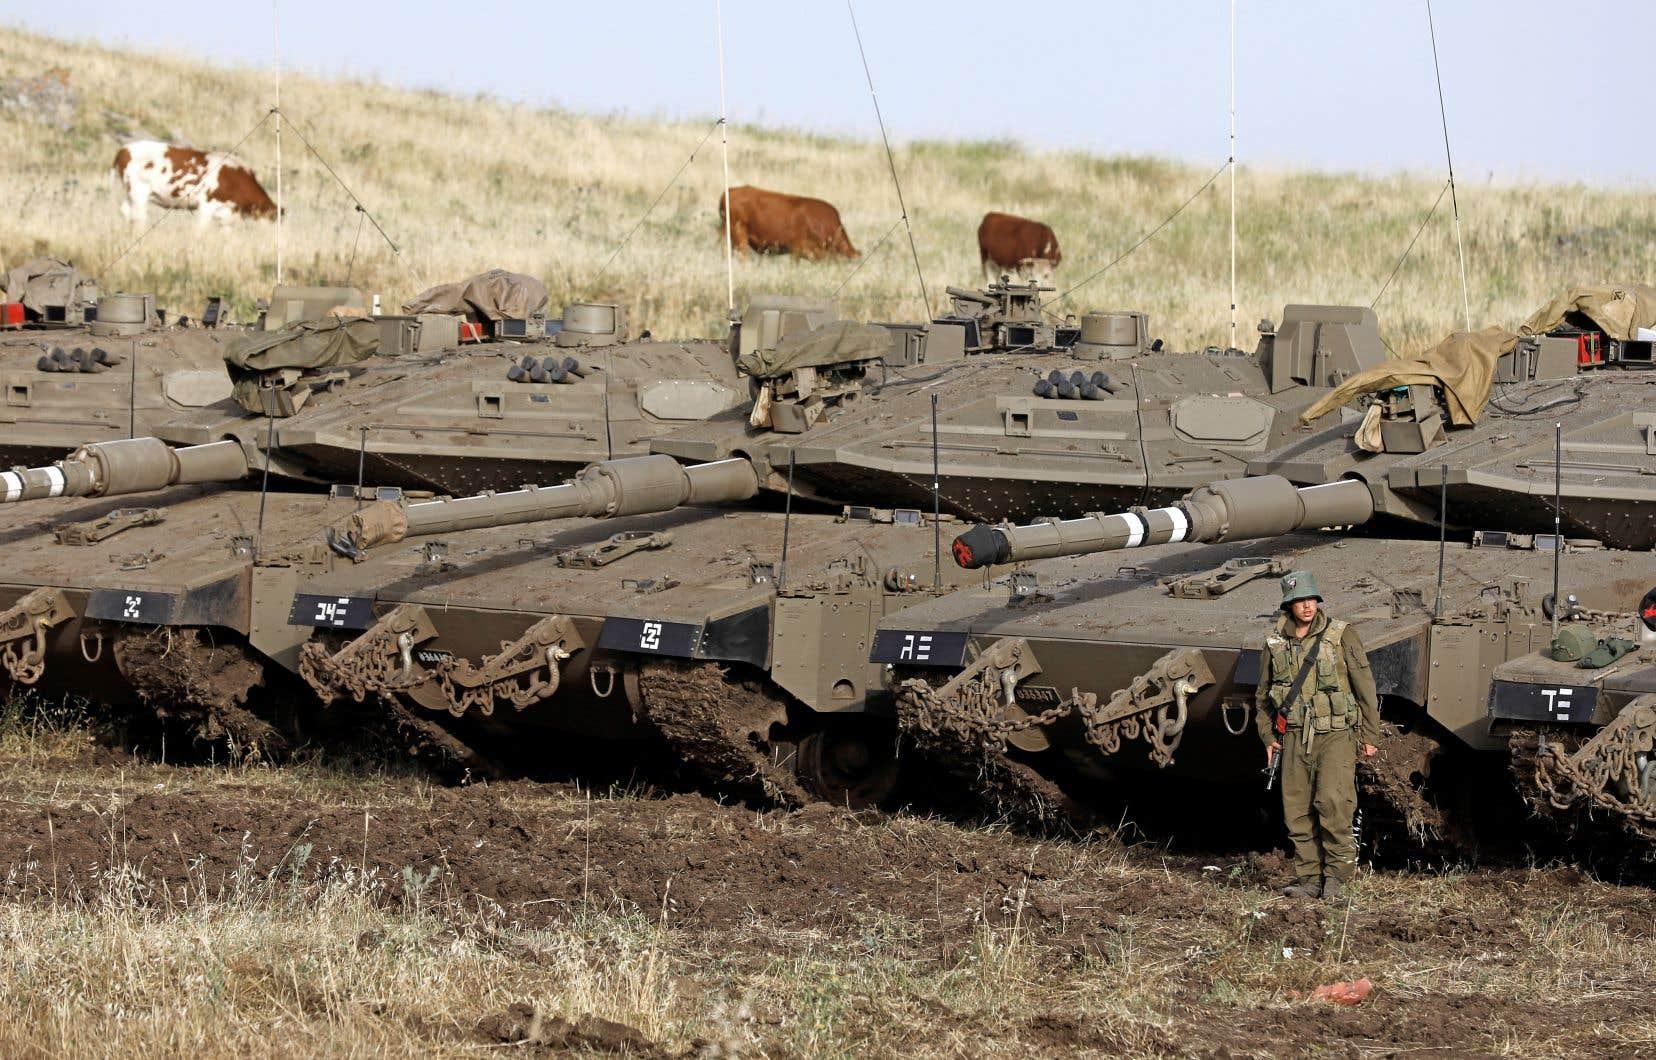 Des tanks israéliens étaient déployés à la frontière syrienne, dans les hauteurs du Golan, jeudi.